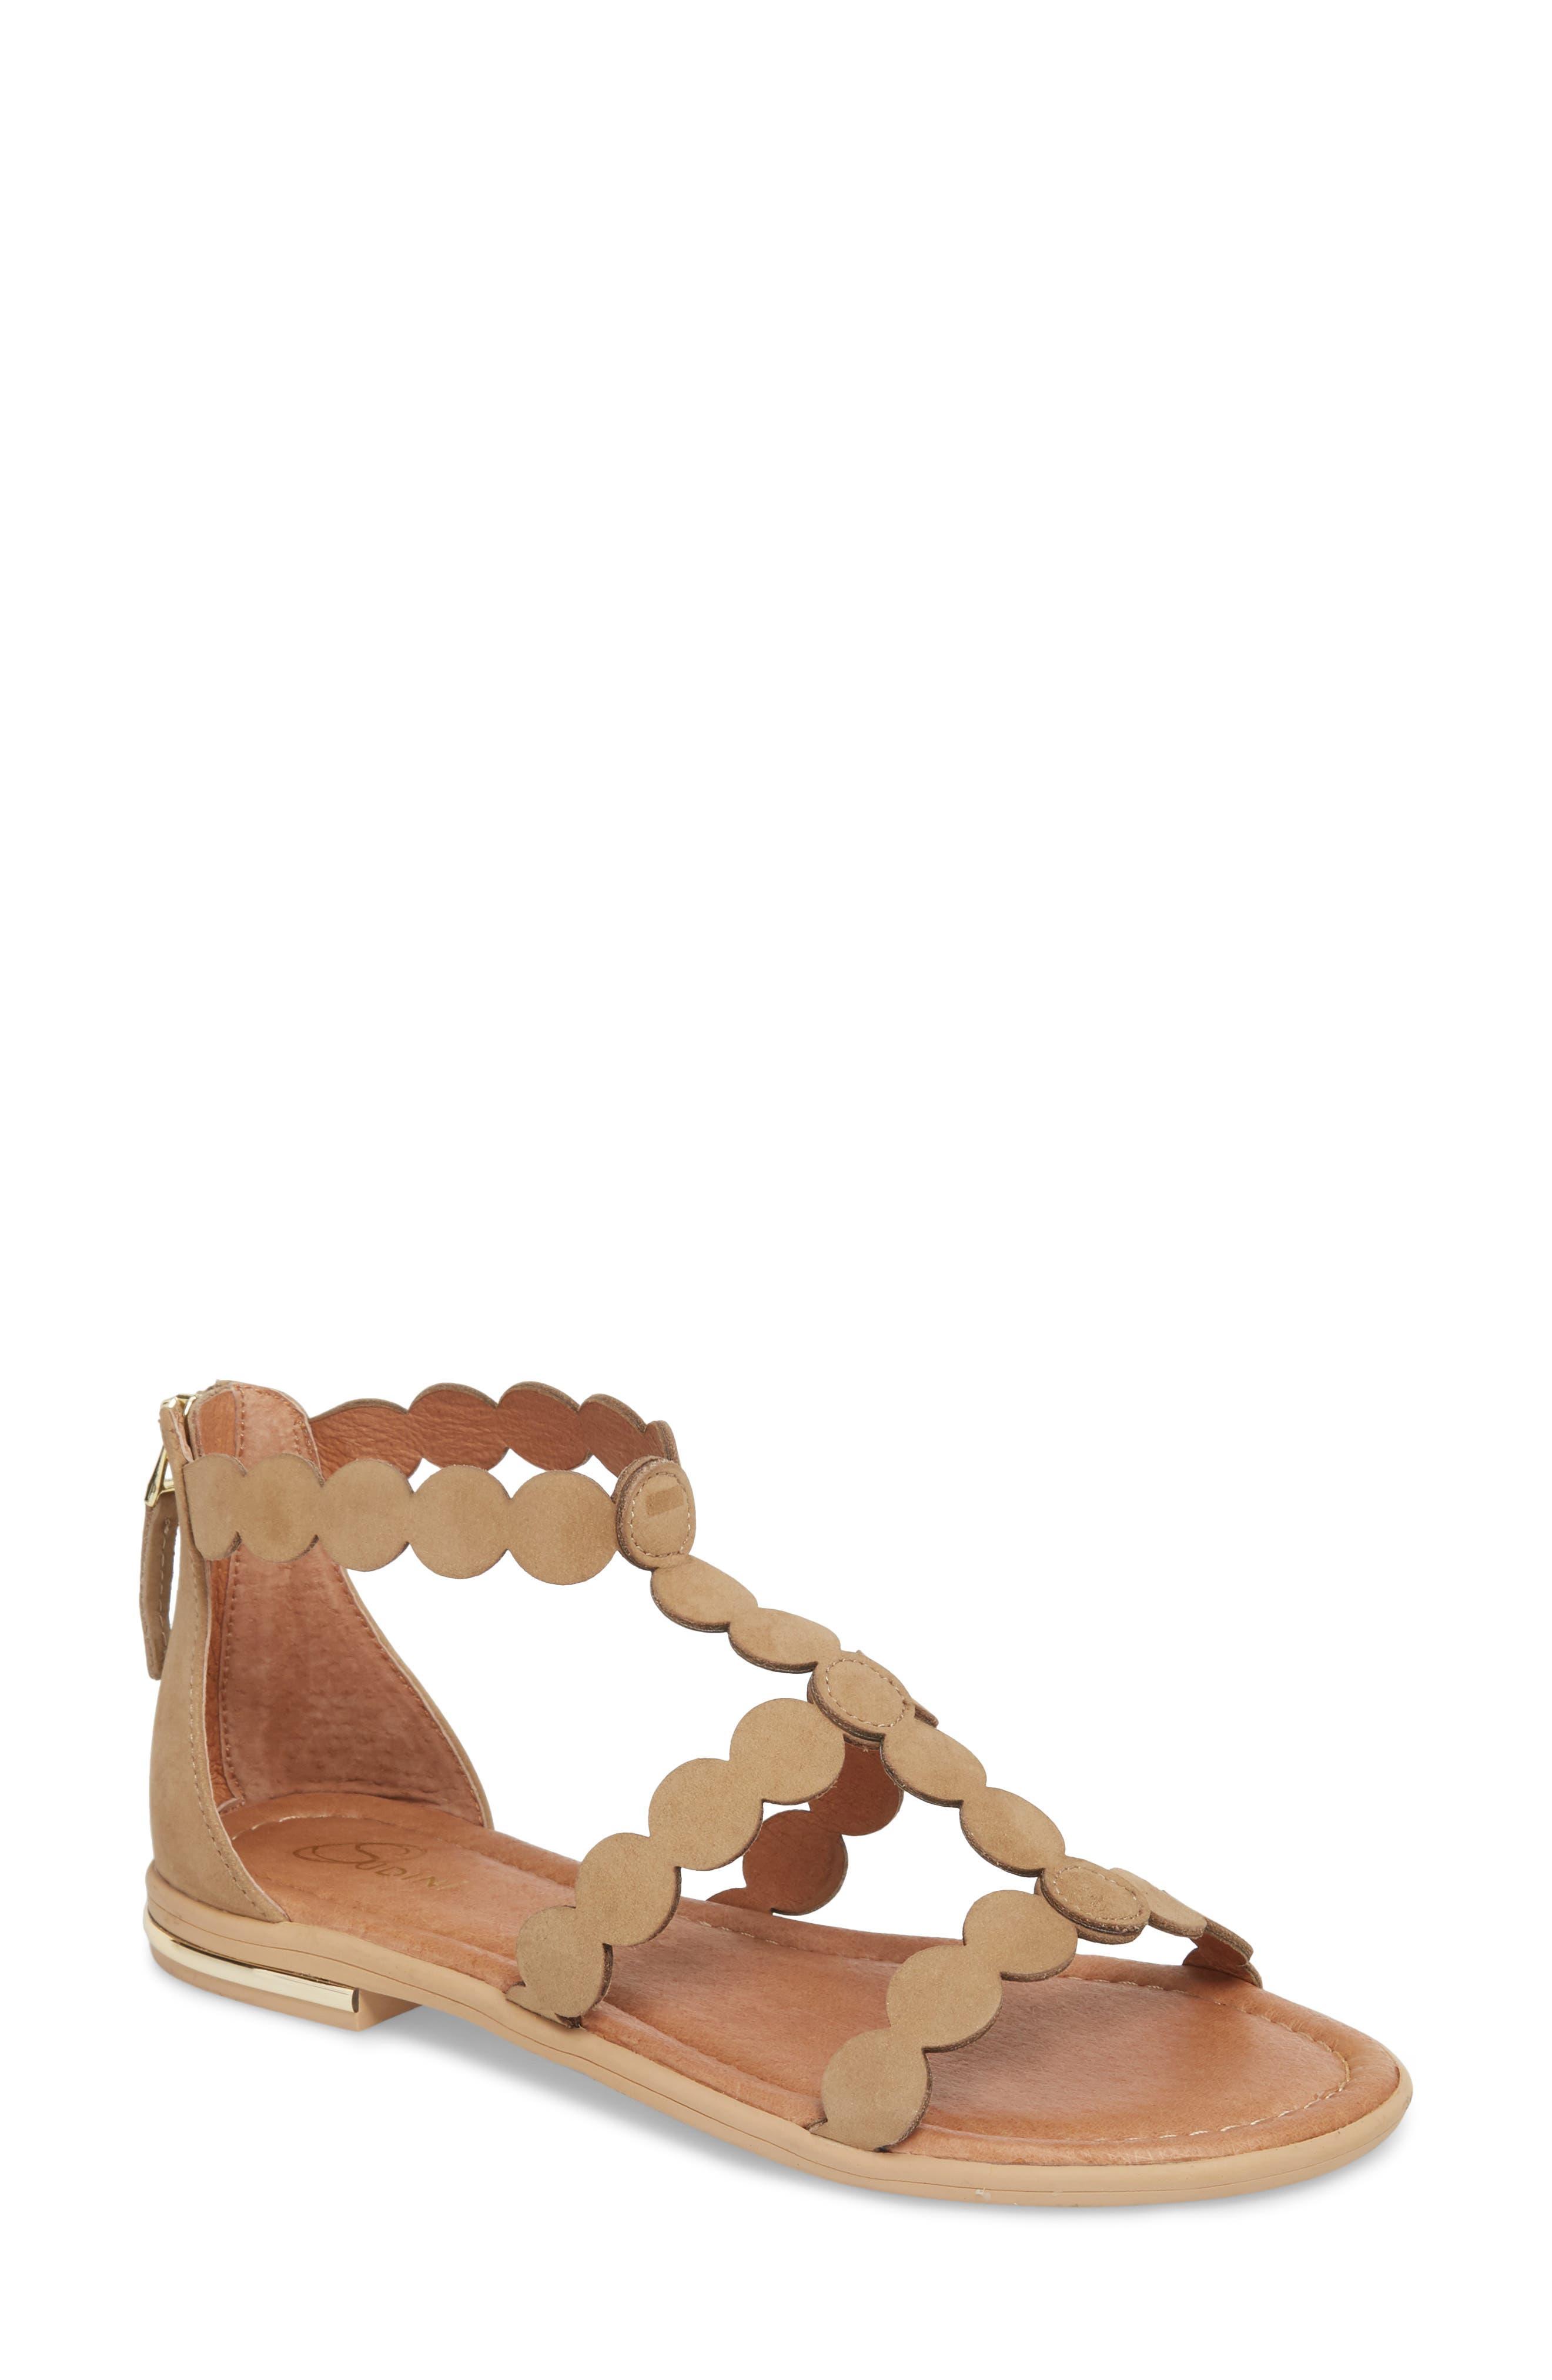 SUDINI Rovigo Sandal, Main, color, NAVIGATE SUEDE